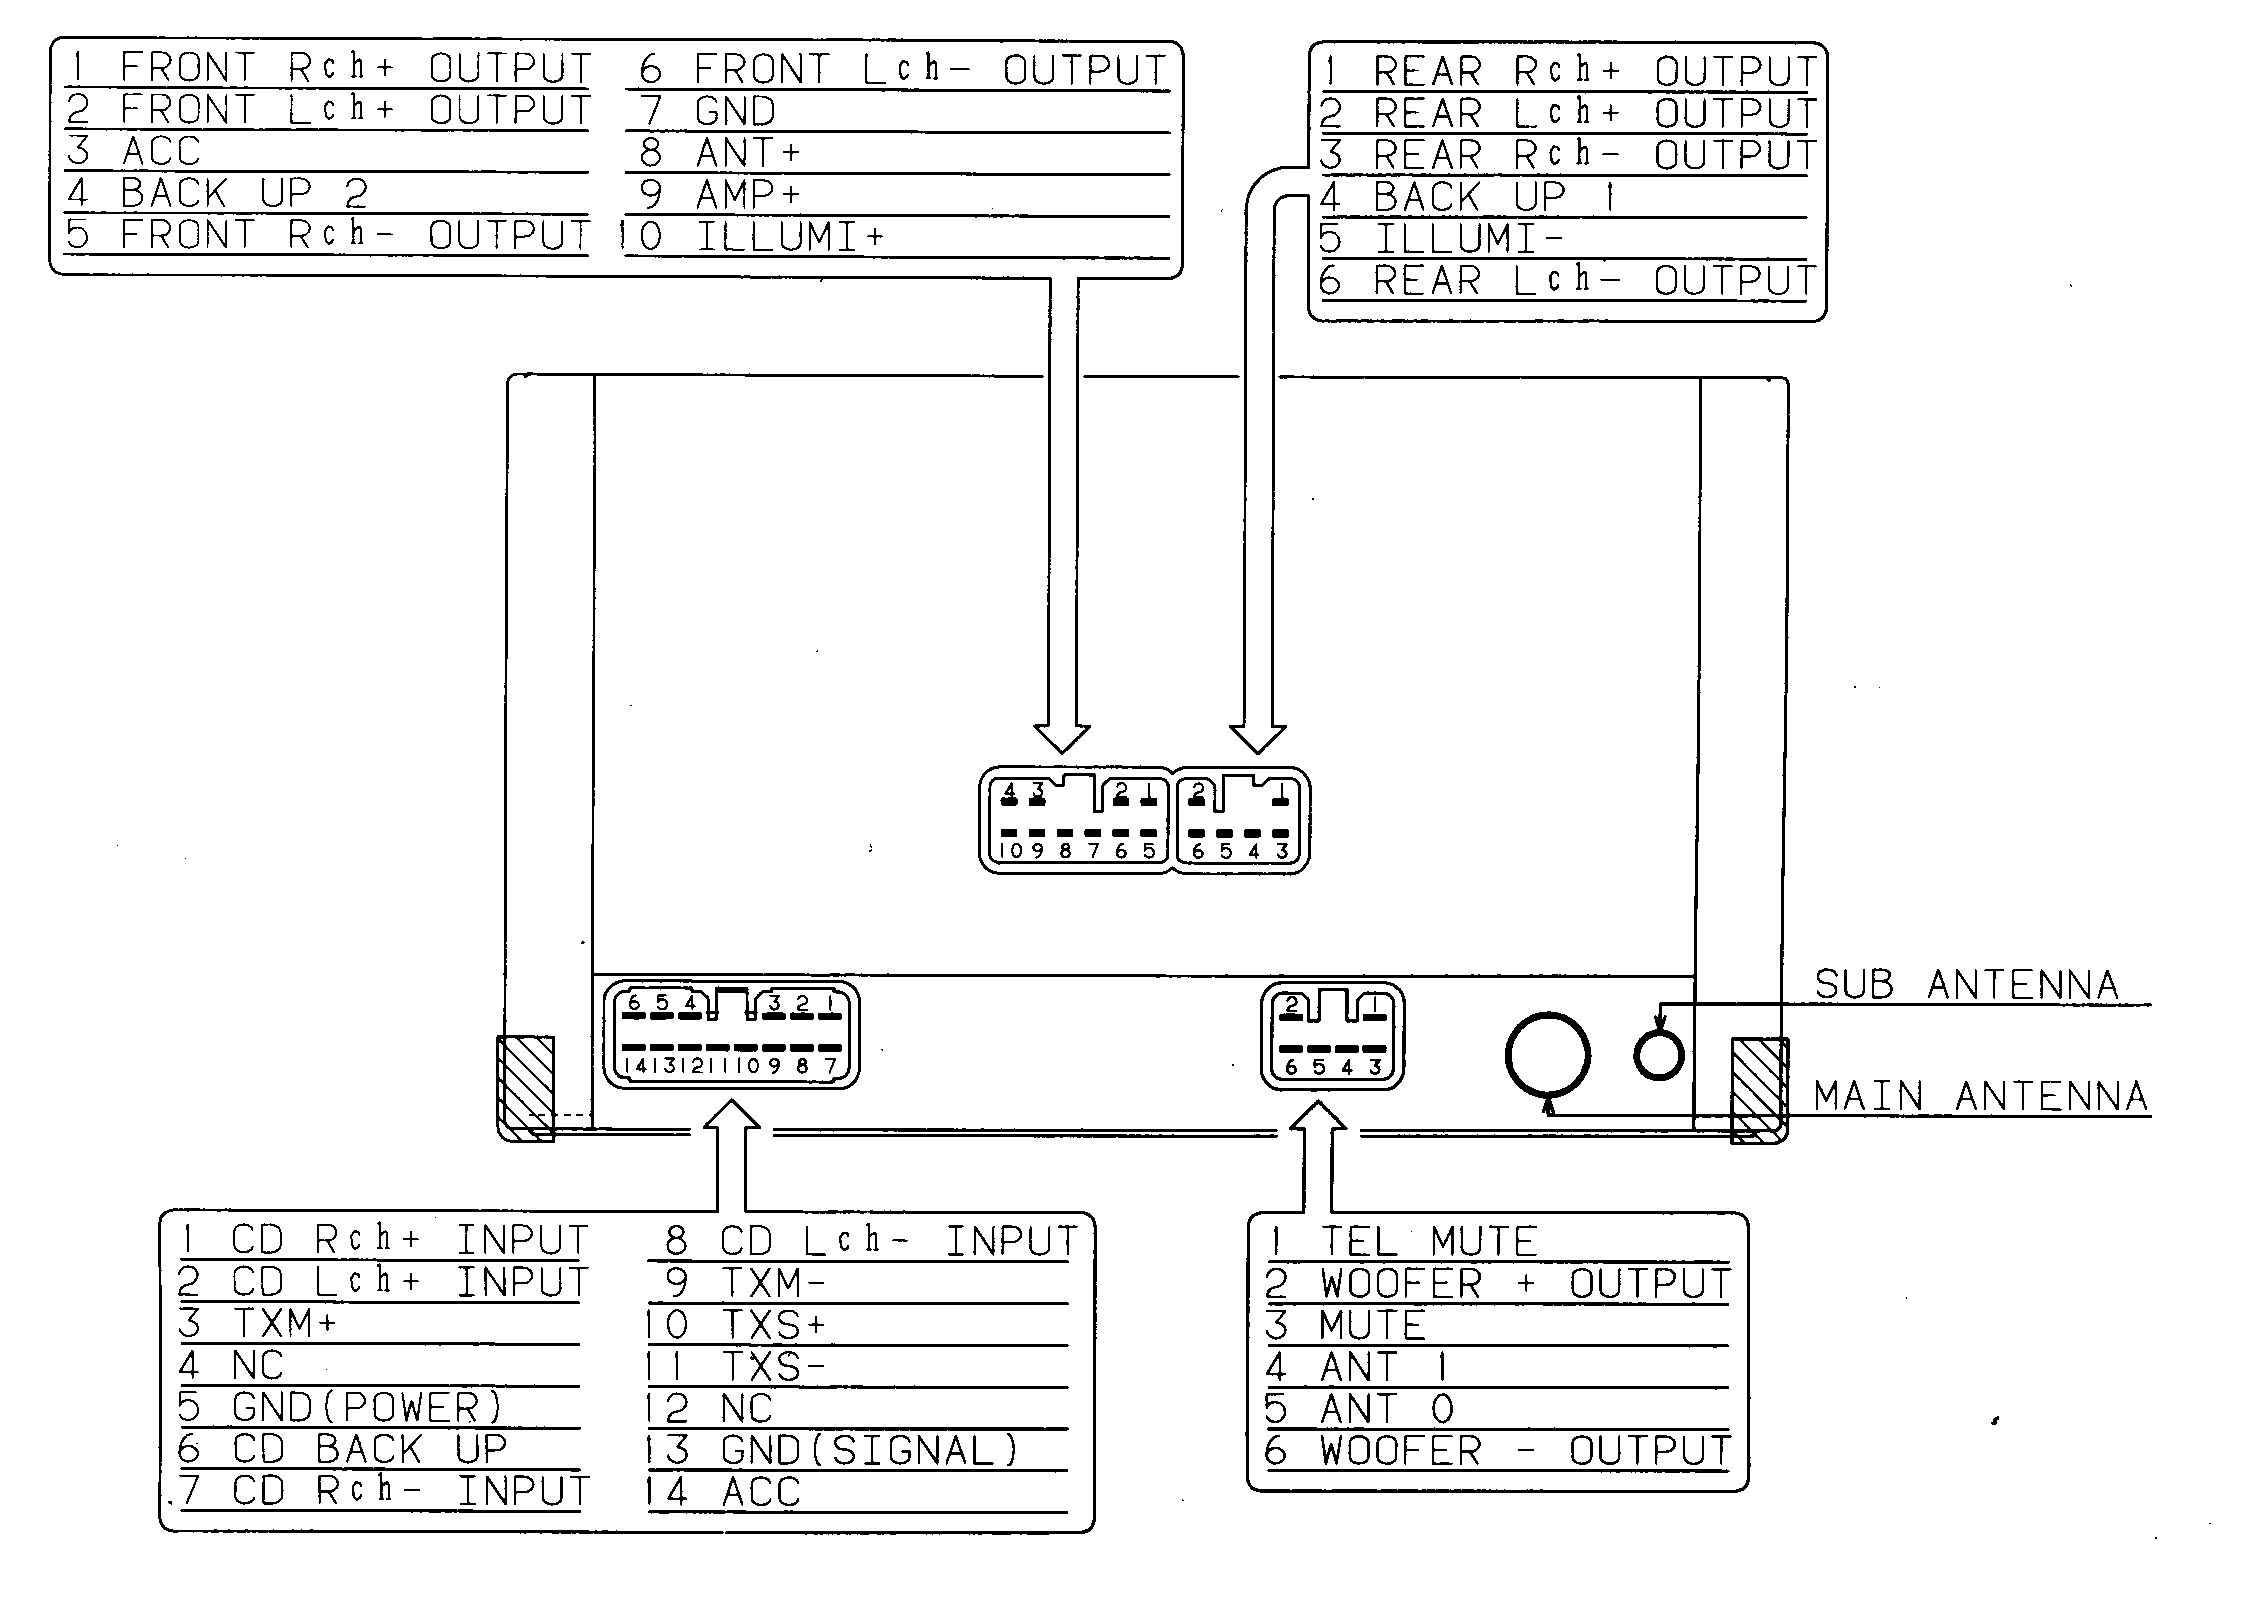 Universal Cd Player Wiring Diagram - Schema Wiring Diagram - Pioneer Cd Player Wiring Diagram